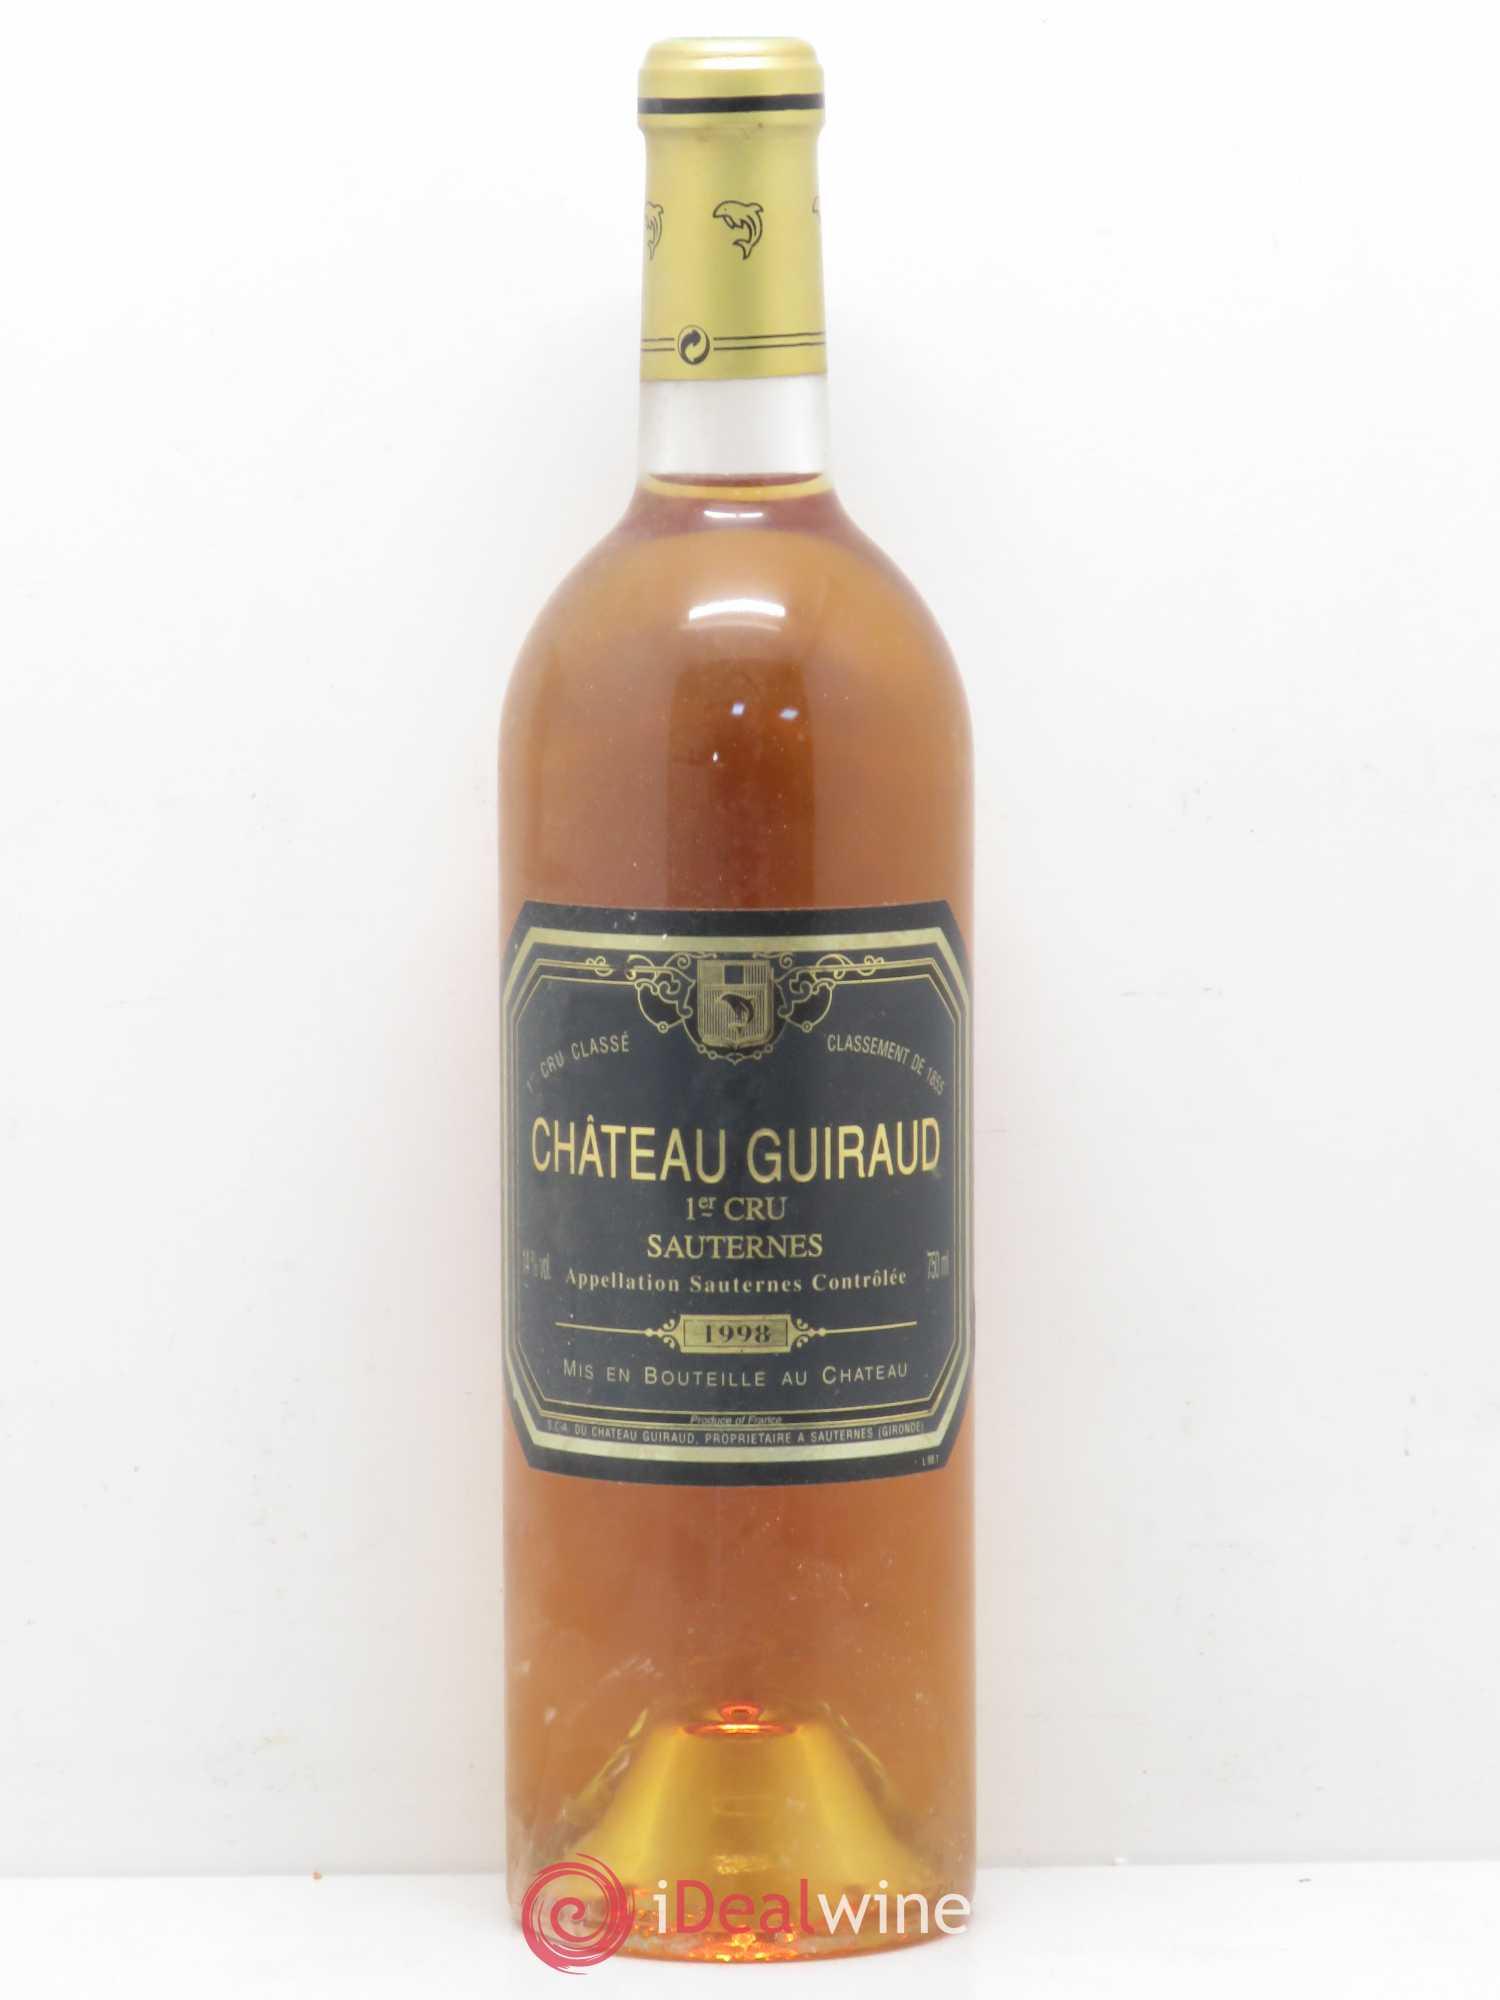 Chteau Guiraud 1er Grand Cru Class 1998